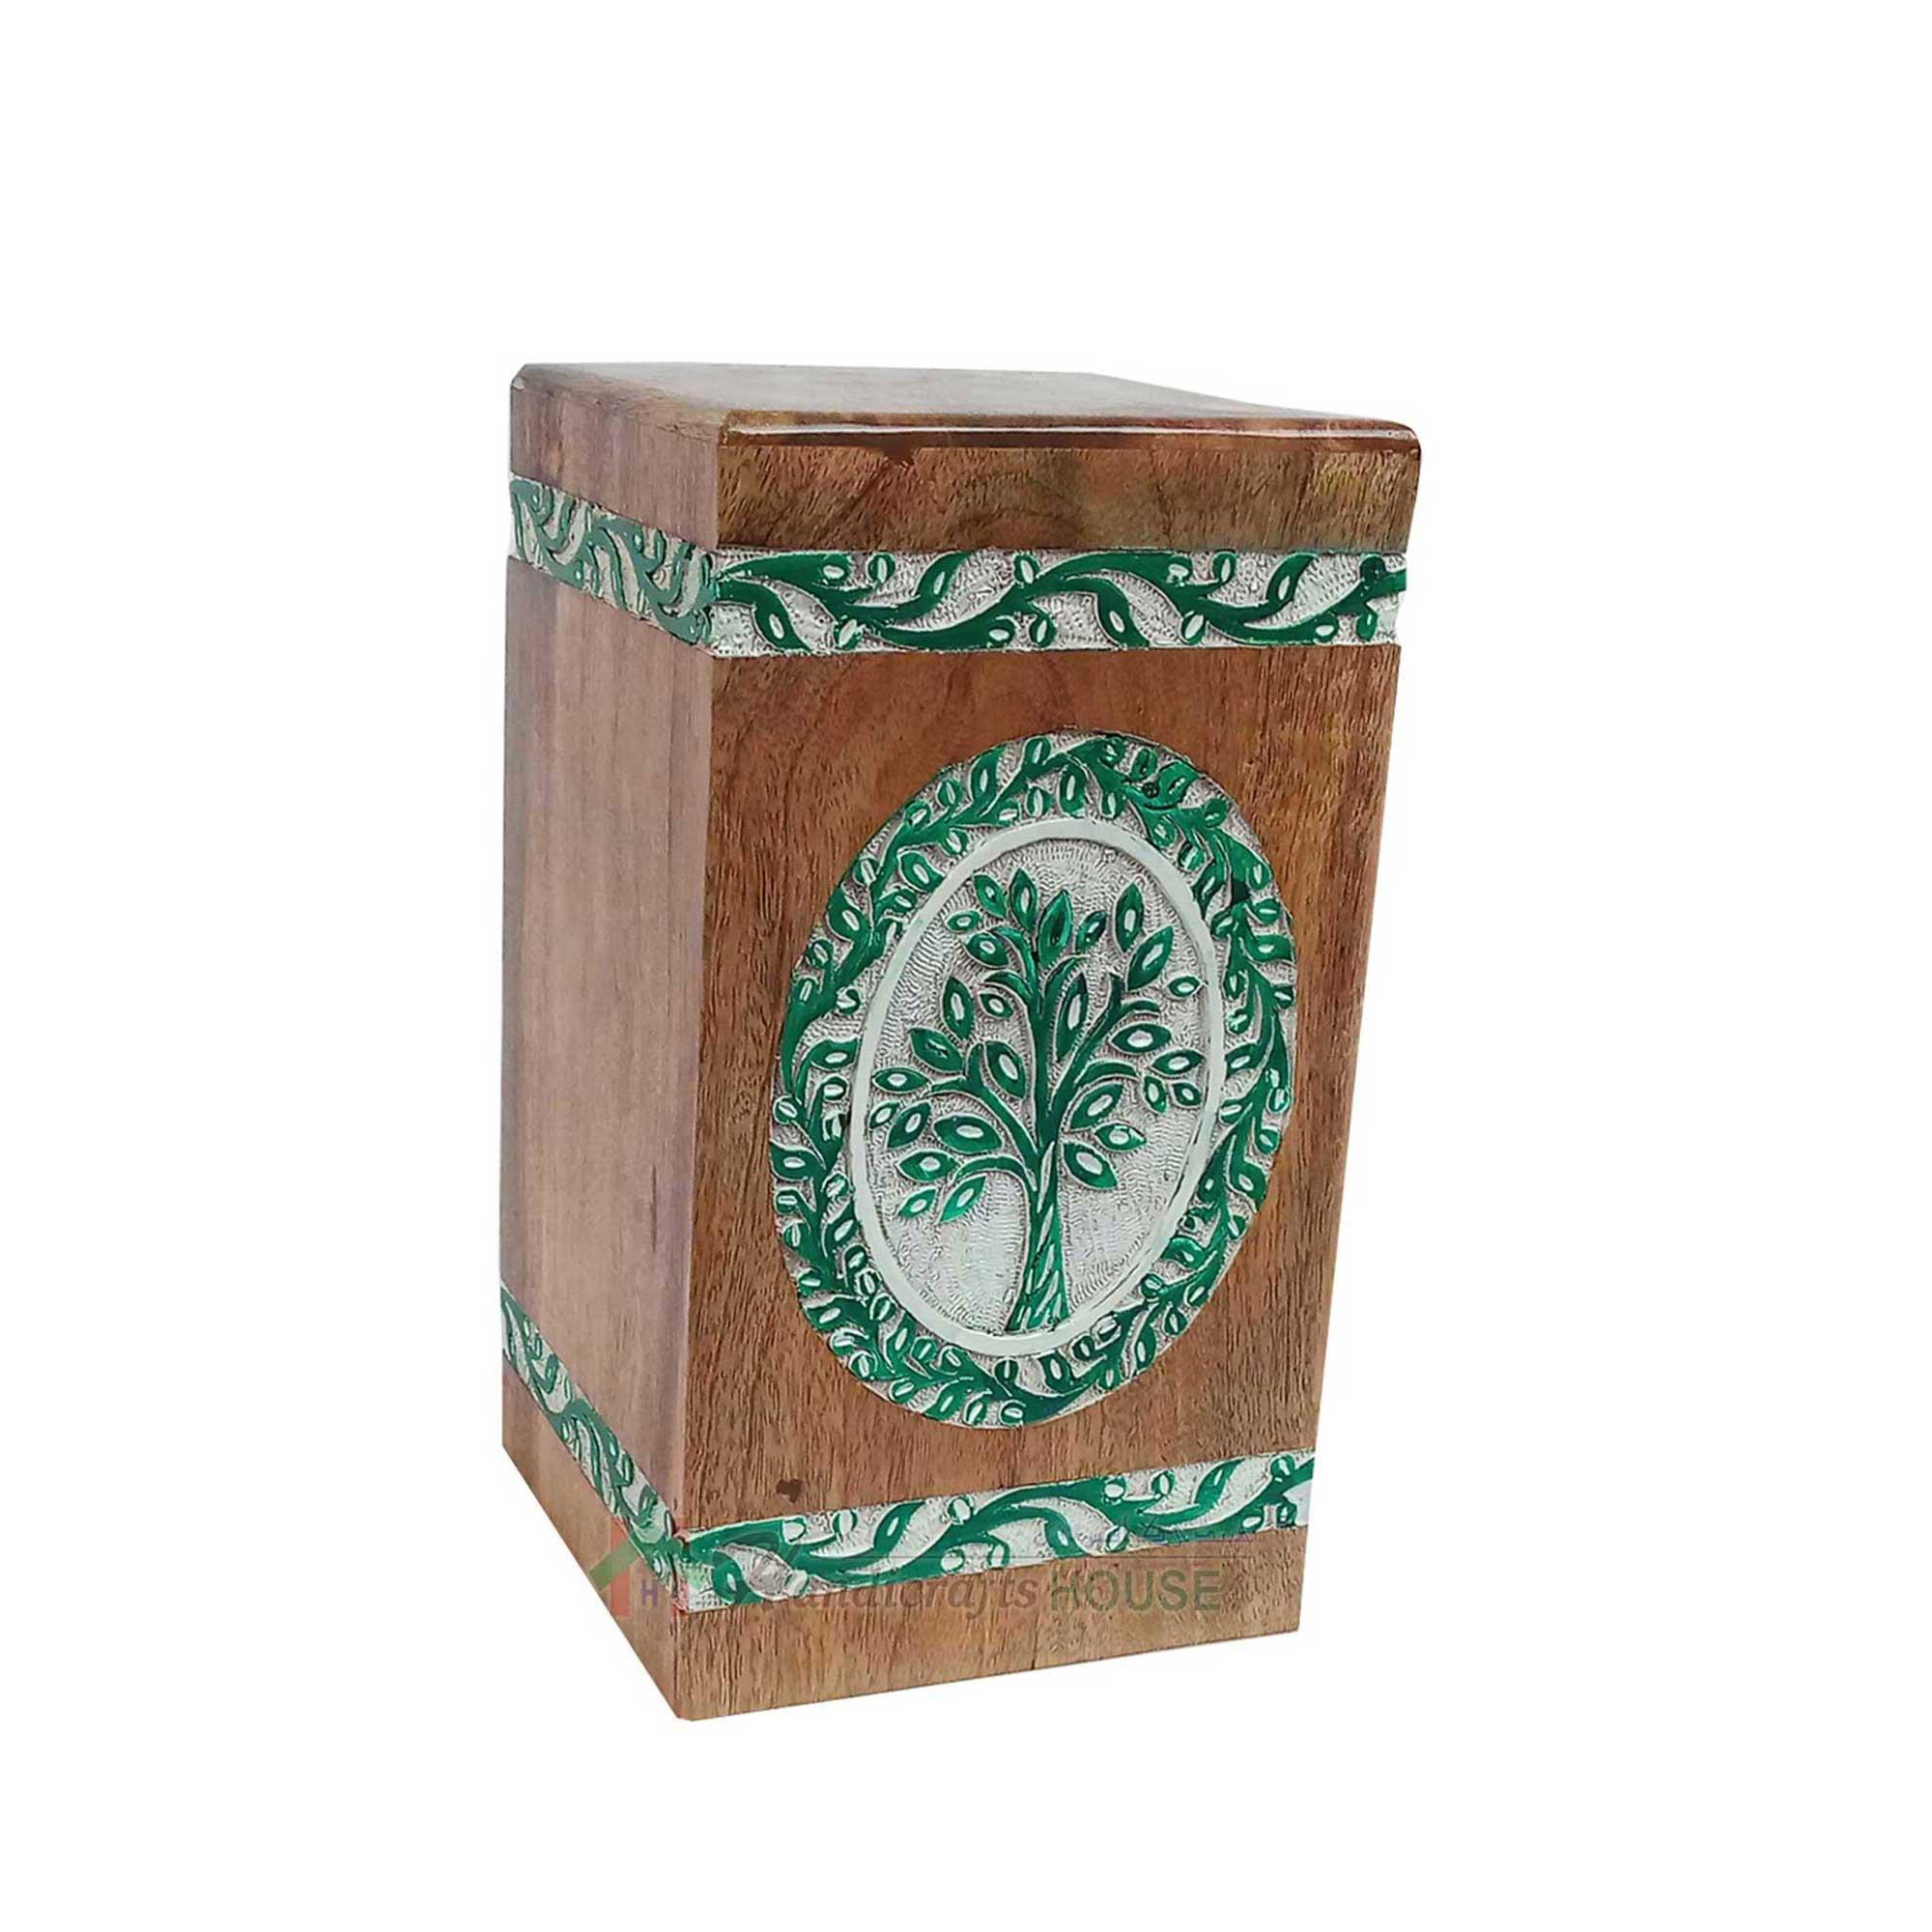 Urns for Cremated Remains, Wood Turned Ashes Urn, Decorative keepsake, Wooden Adult Casket